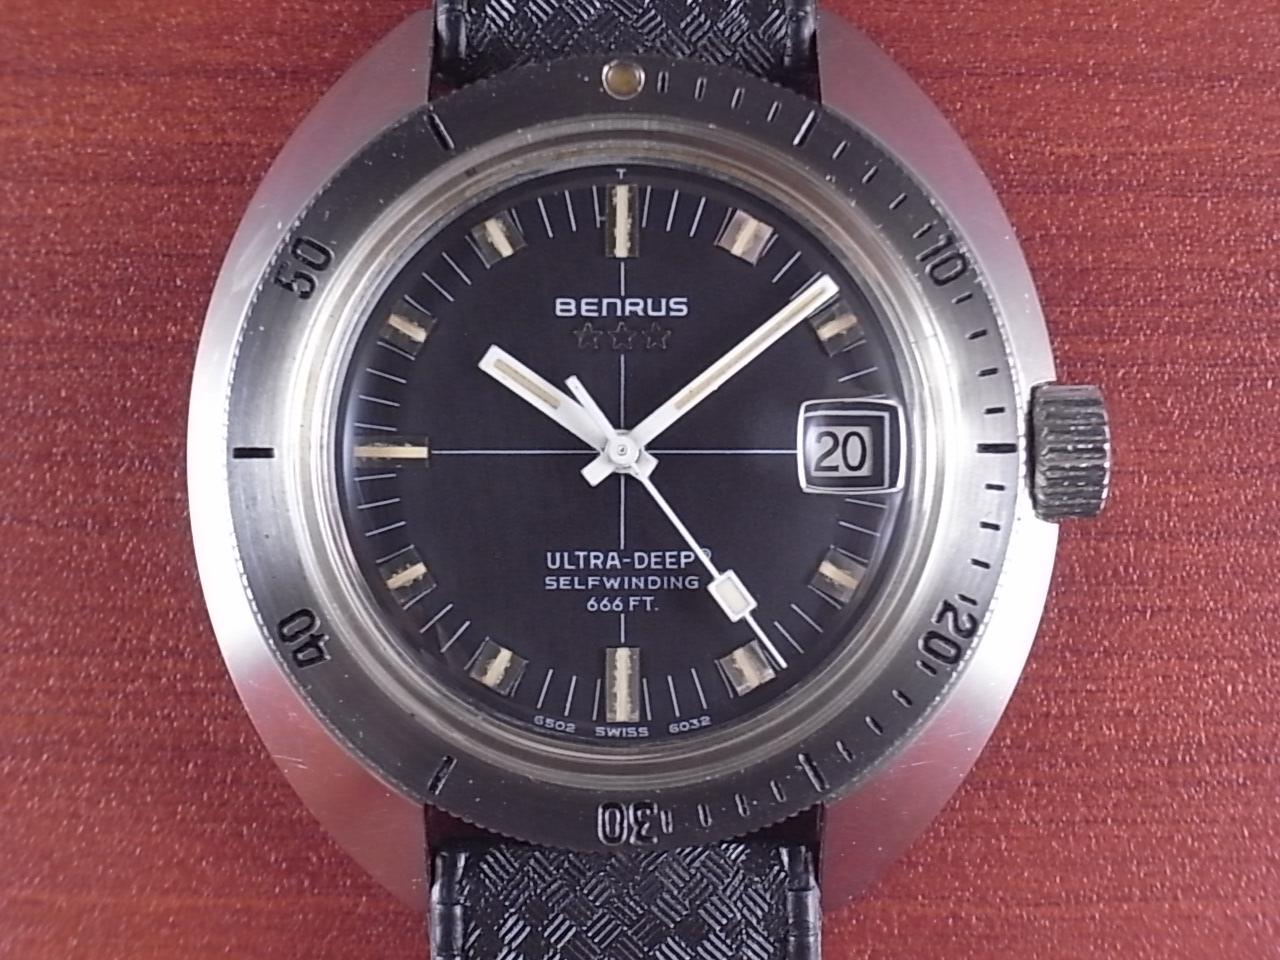 ベンラス ウルトラディープ ダイバーズウォッチ トノーケース 1970年代の写真2枚目